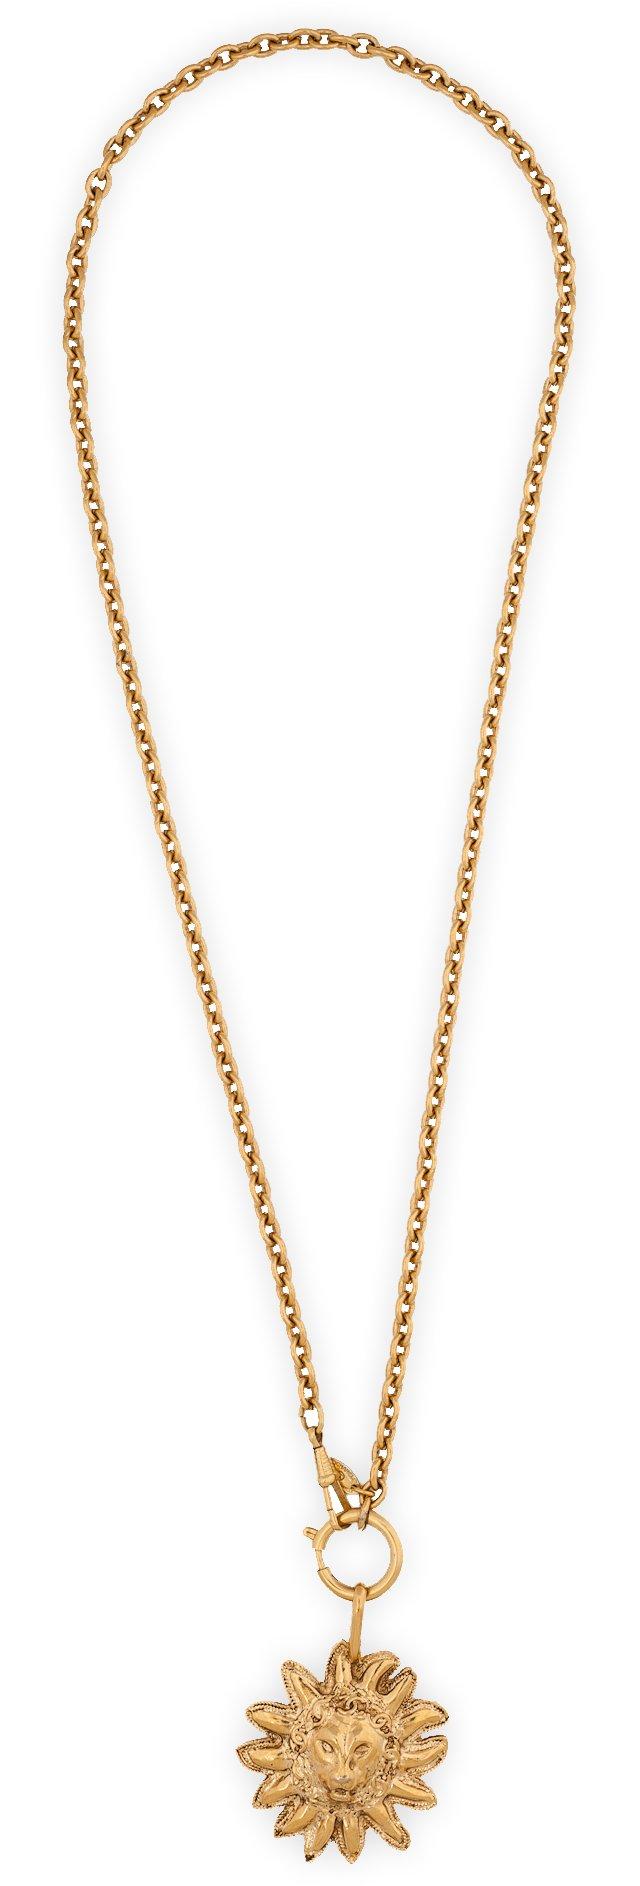 Chanel Sun Pendant Necklace